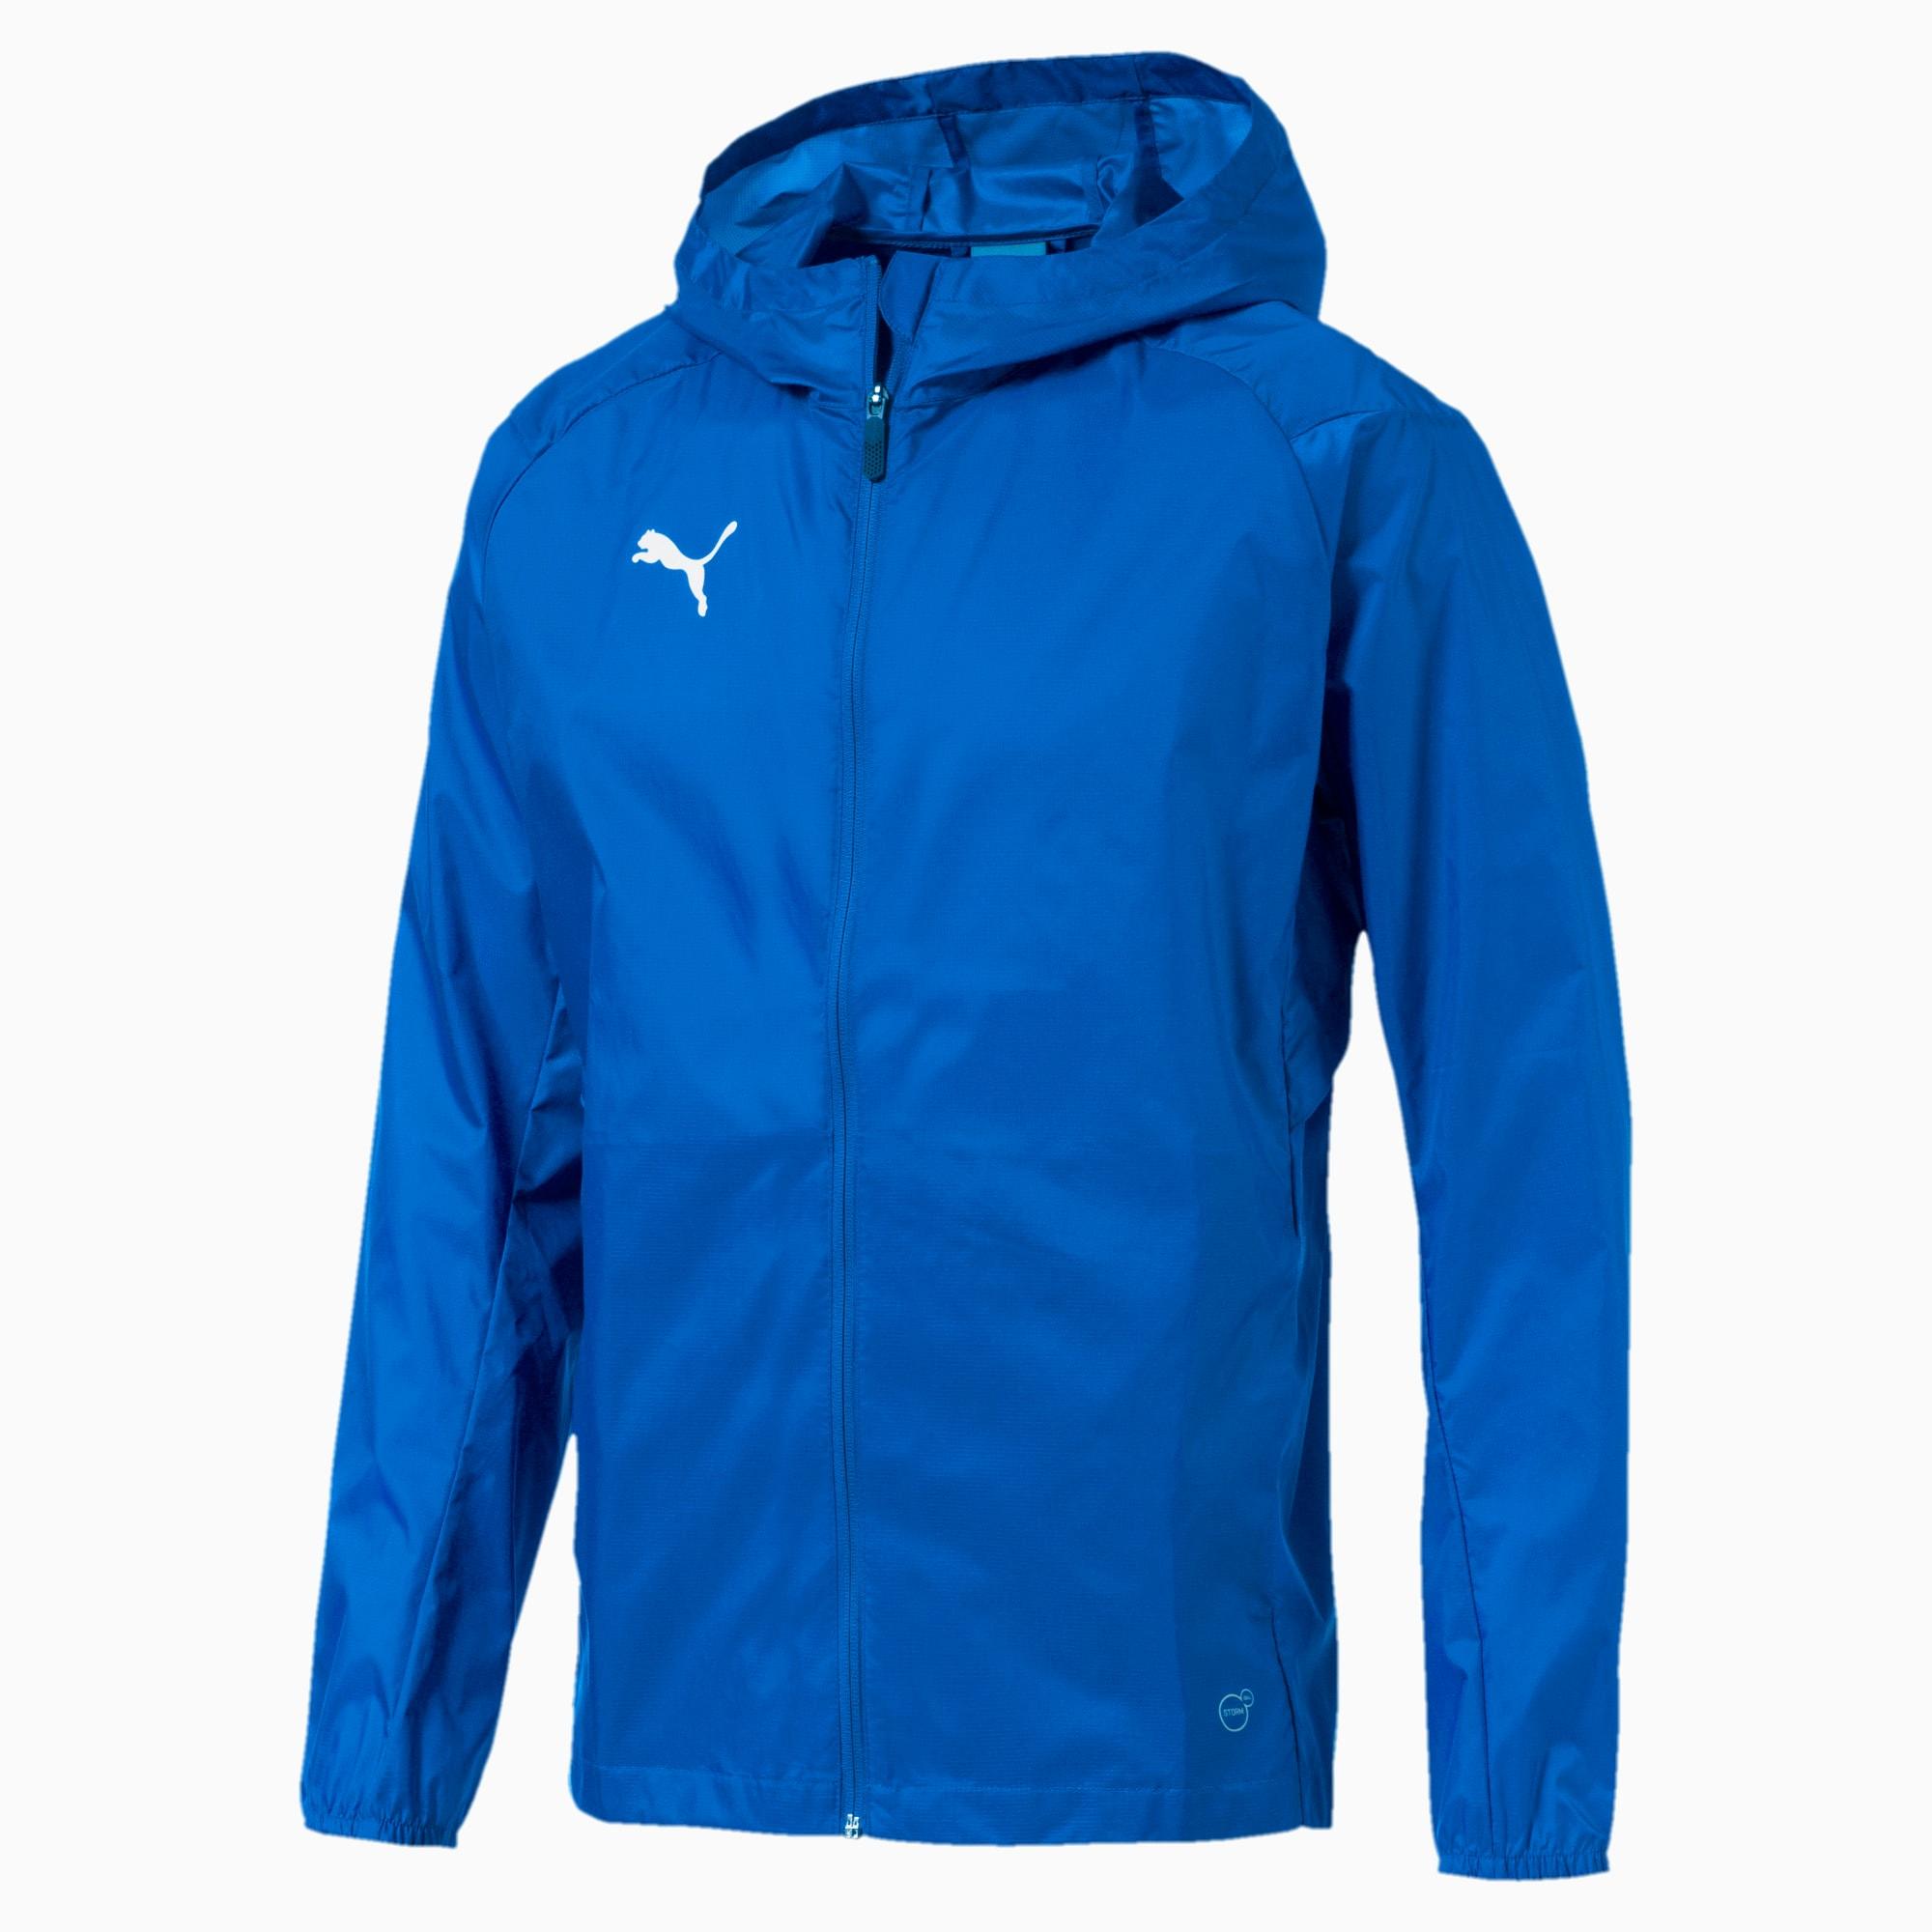 blouson imperméable avec capuche liga training football pour homme, bleu, taille s, vêtements